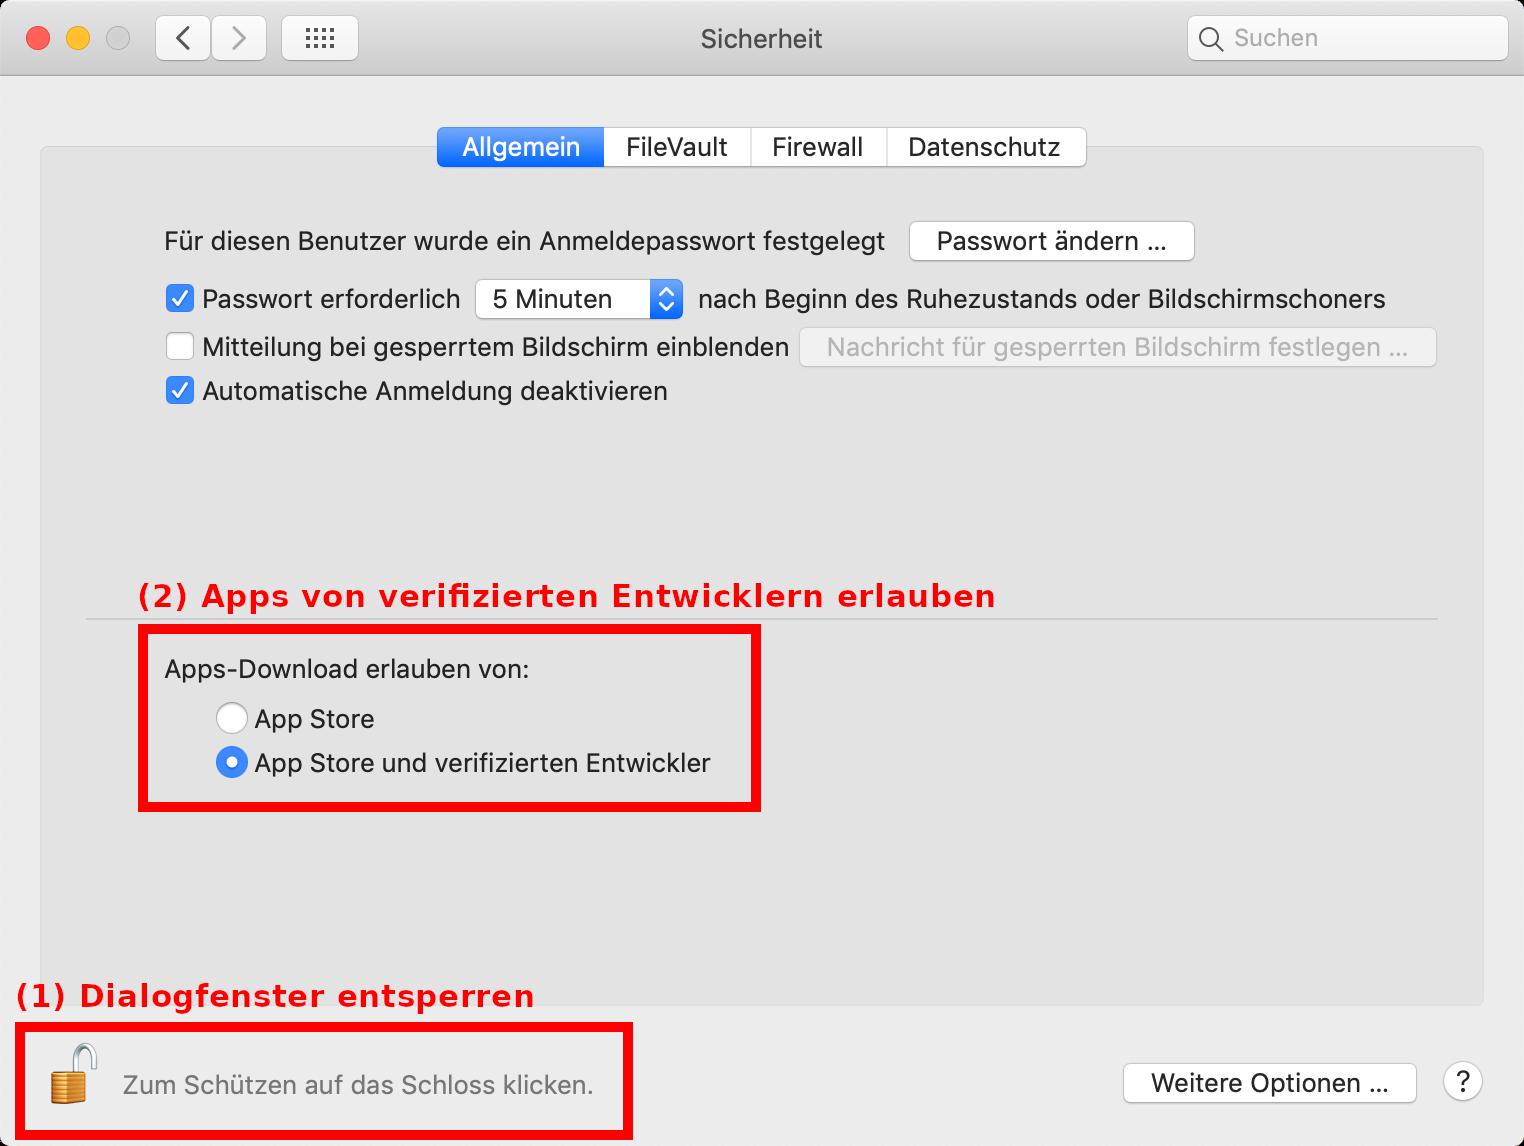 Apps von verifizierten Entwicklern erlauben